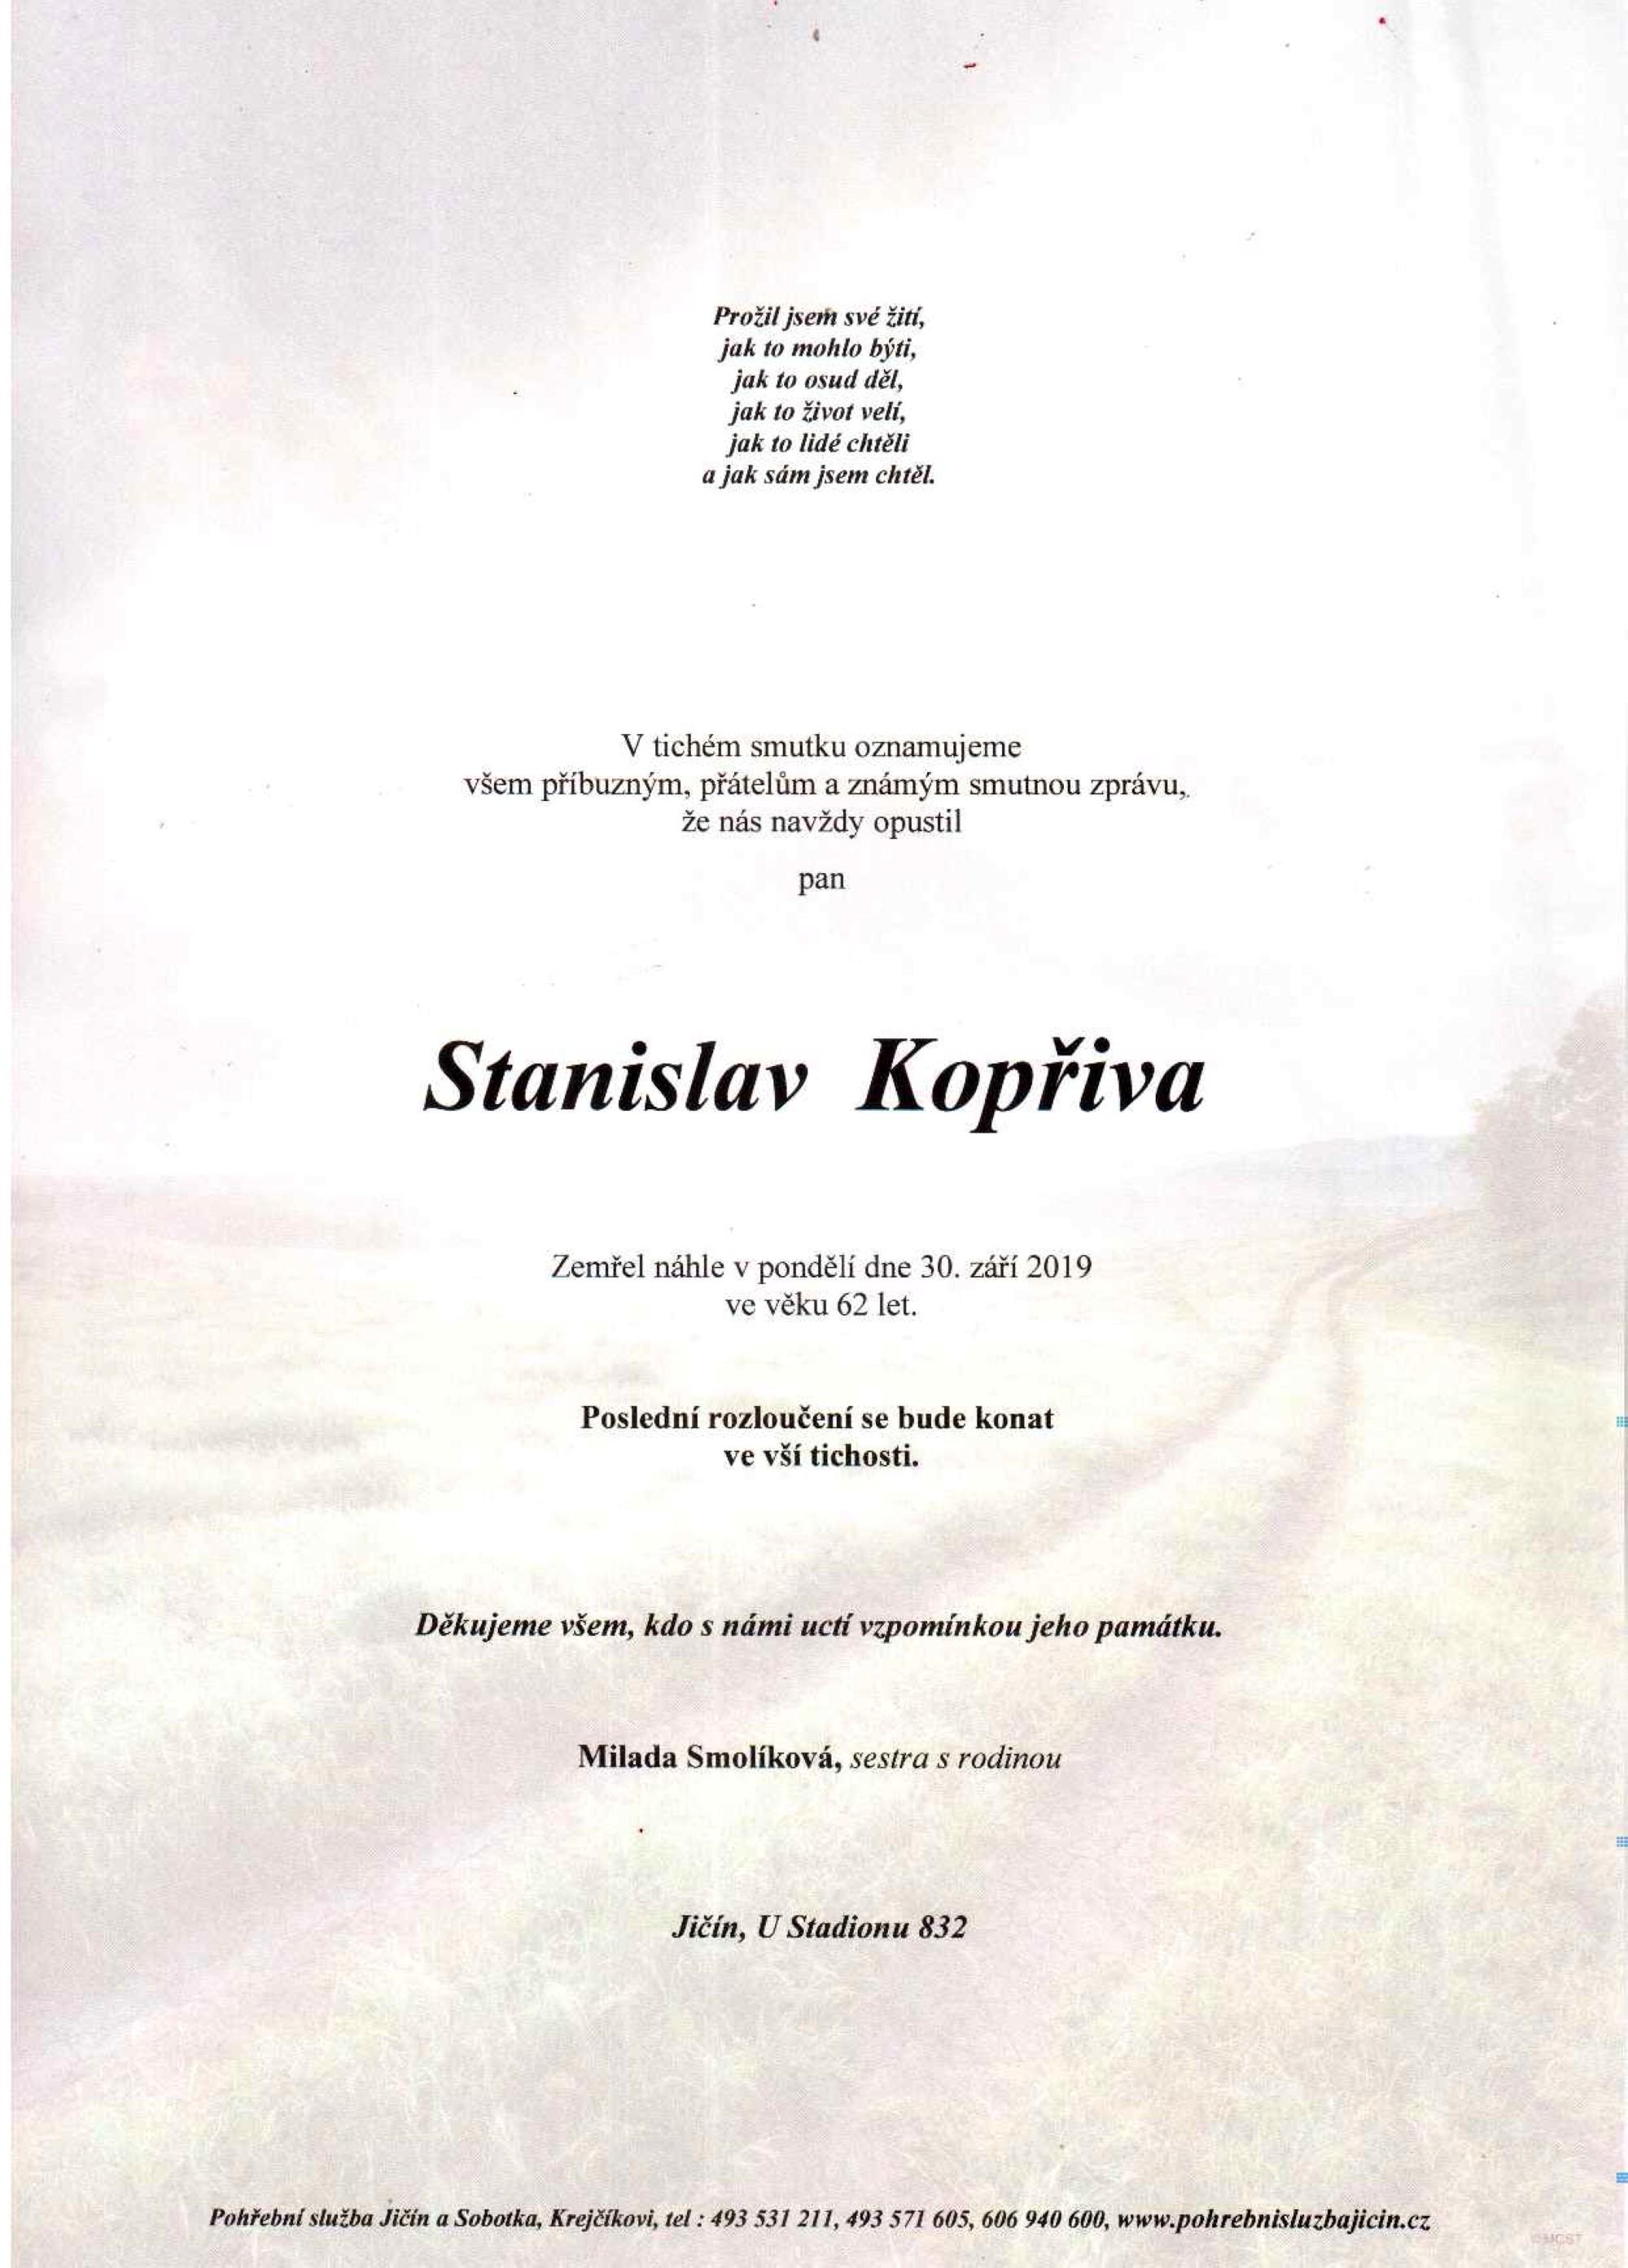 Stanislav Kopřiva